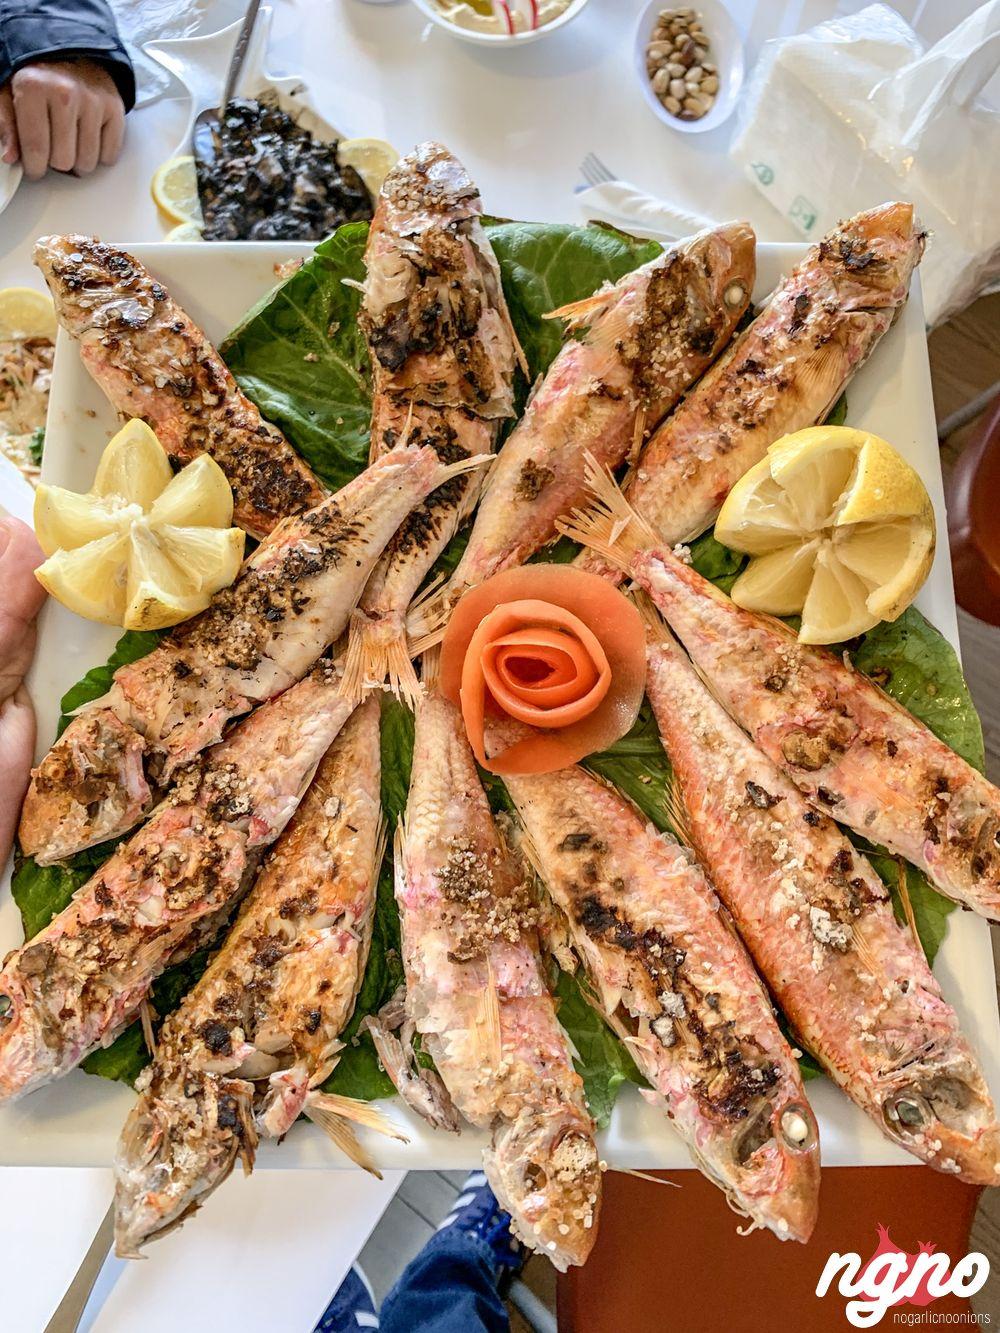 gerge-dayaa-seafood-nogarlicnoonions-342019-02-06-10-18-39